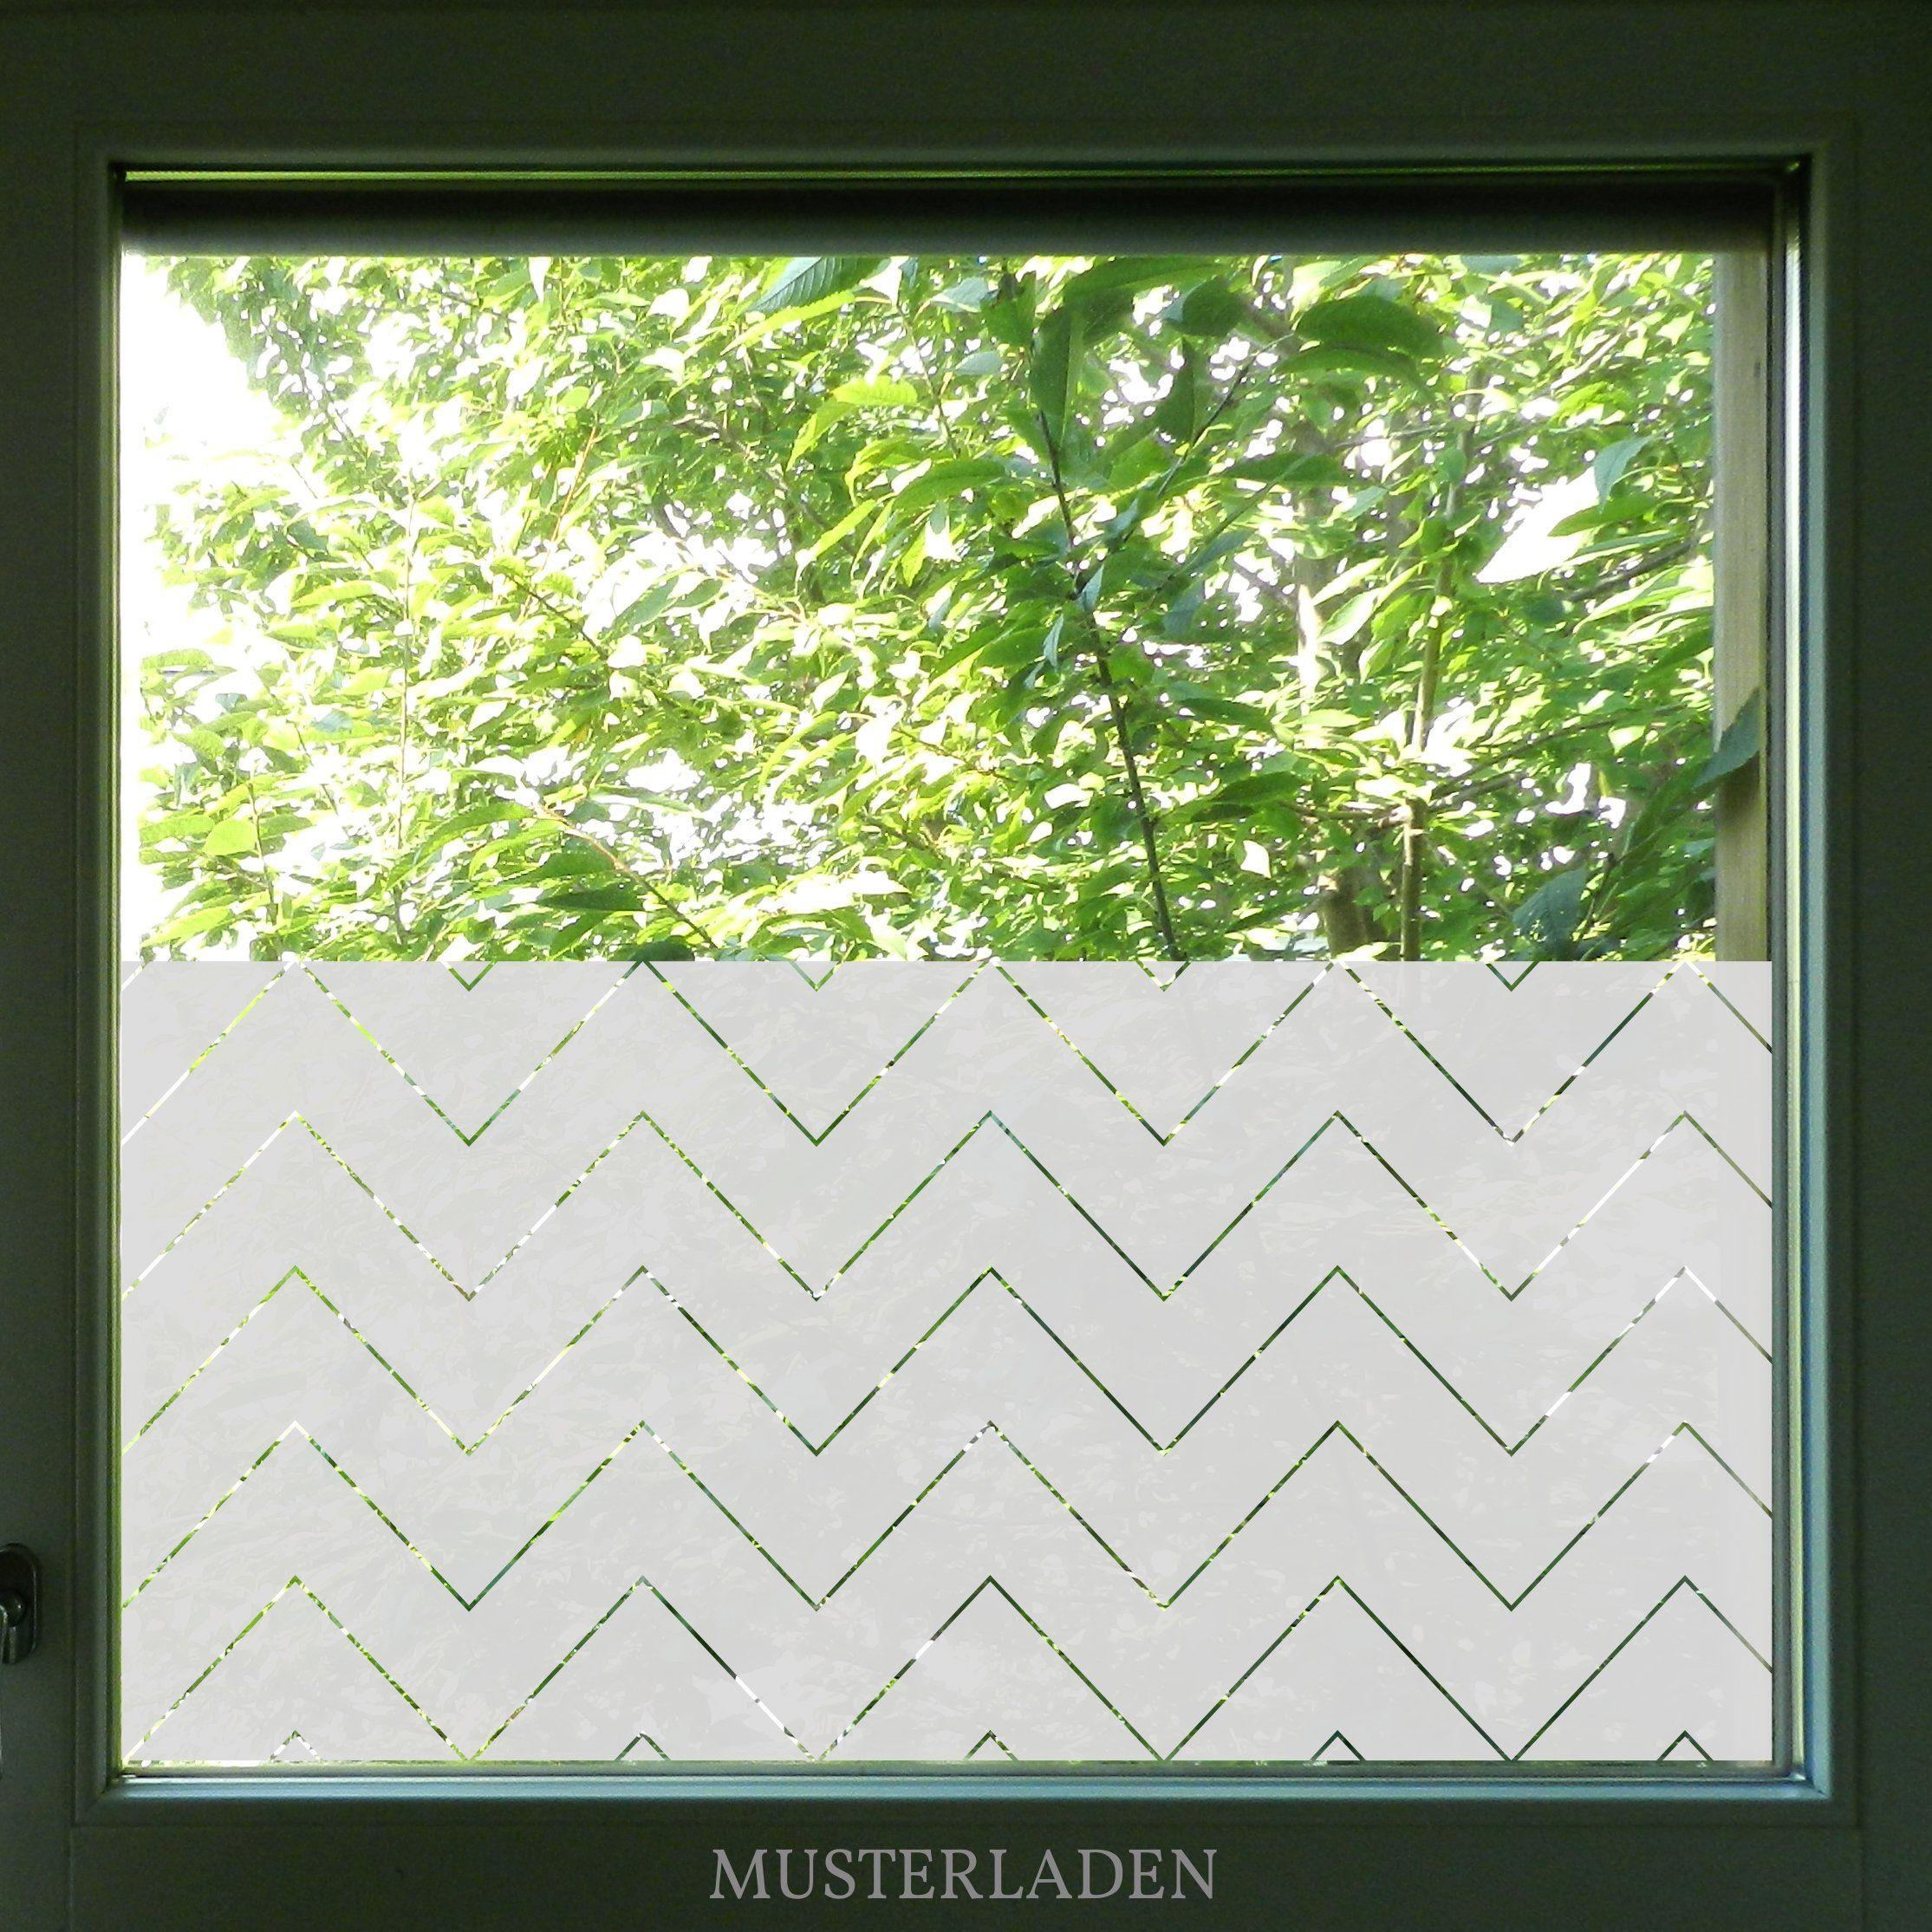 Sichtschutz Klebefolie für Fenster Chevron Zickzack, Badezimmer Bilder